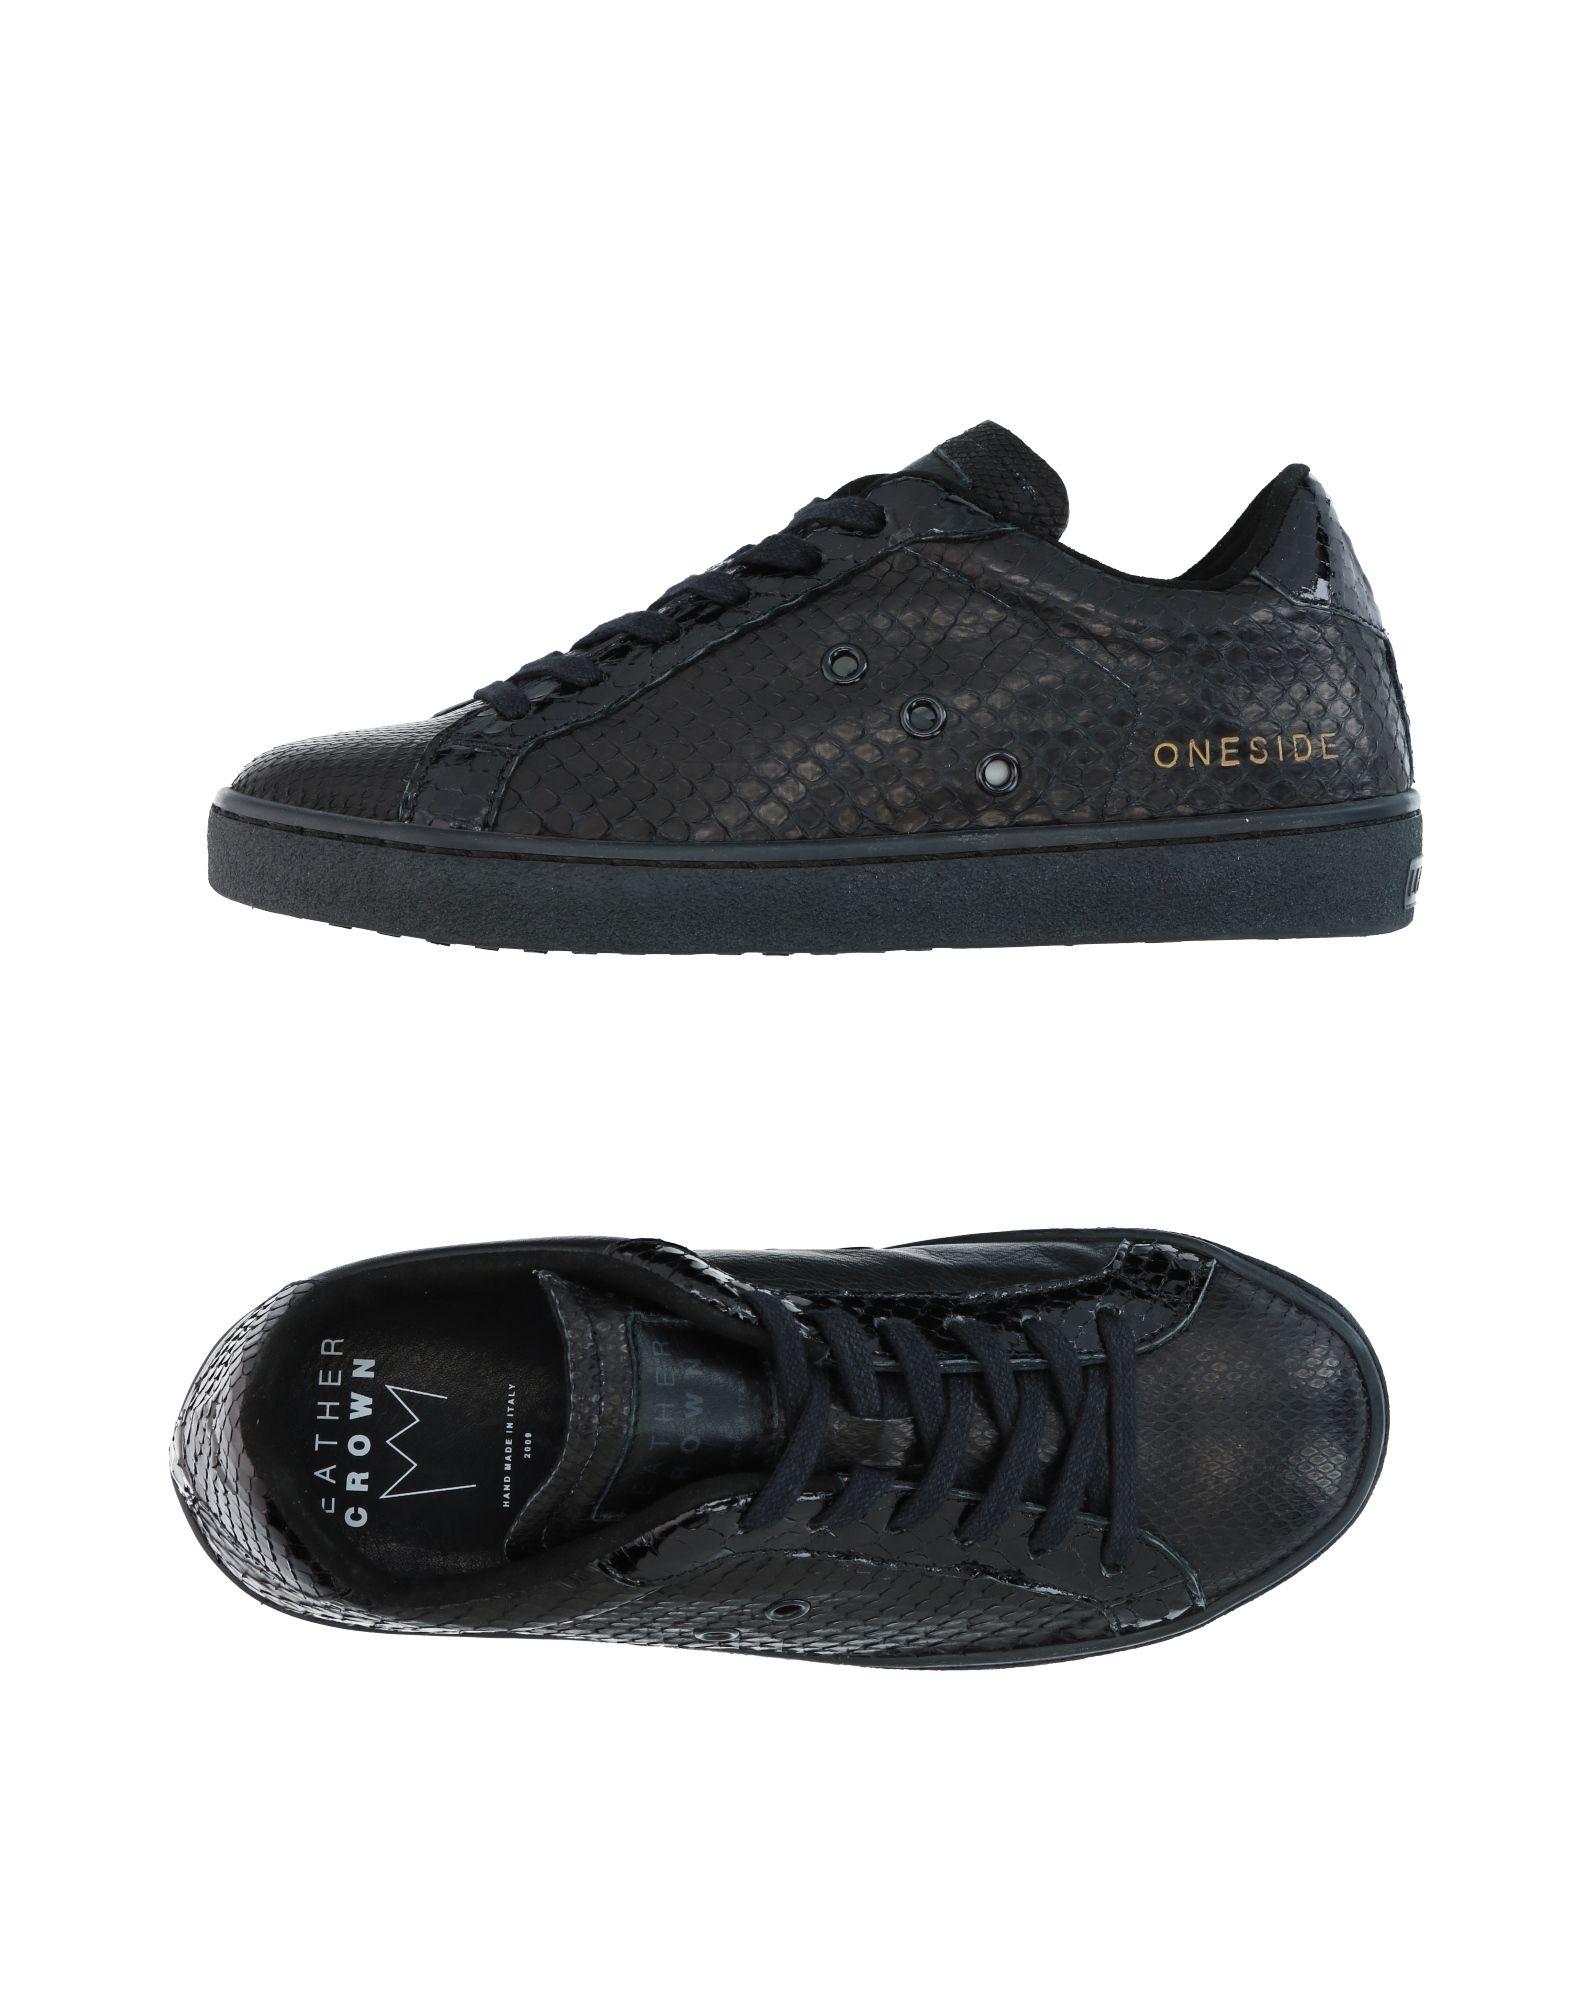 Leder Crown Sneakers lohnt Damen Gutes Preis-Leistungs-Verhältnis, es lohnt Sneakers sich 954 81fb82